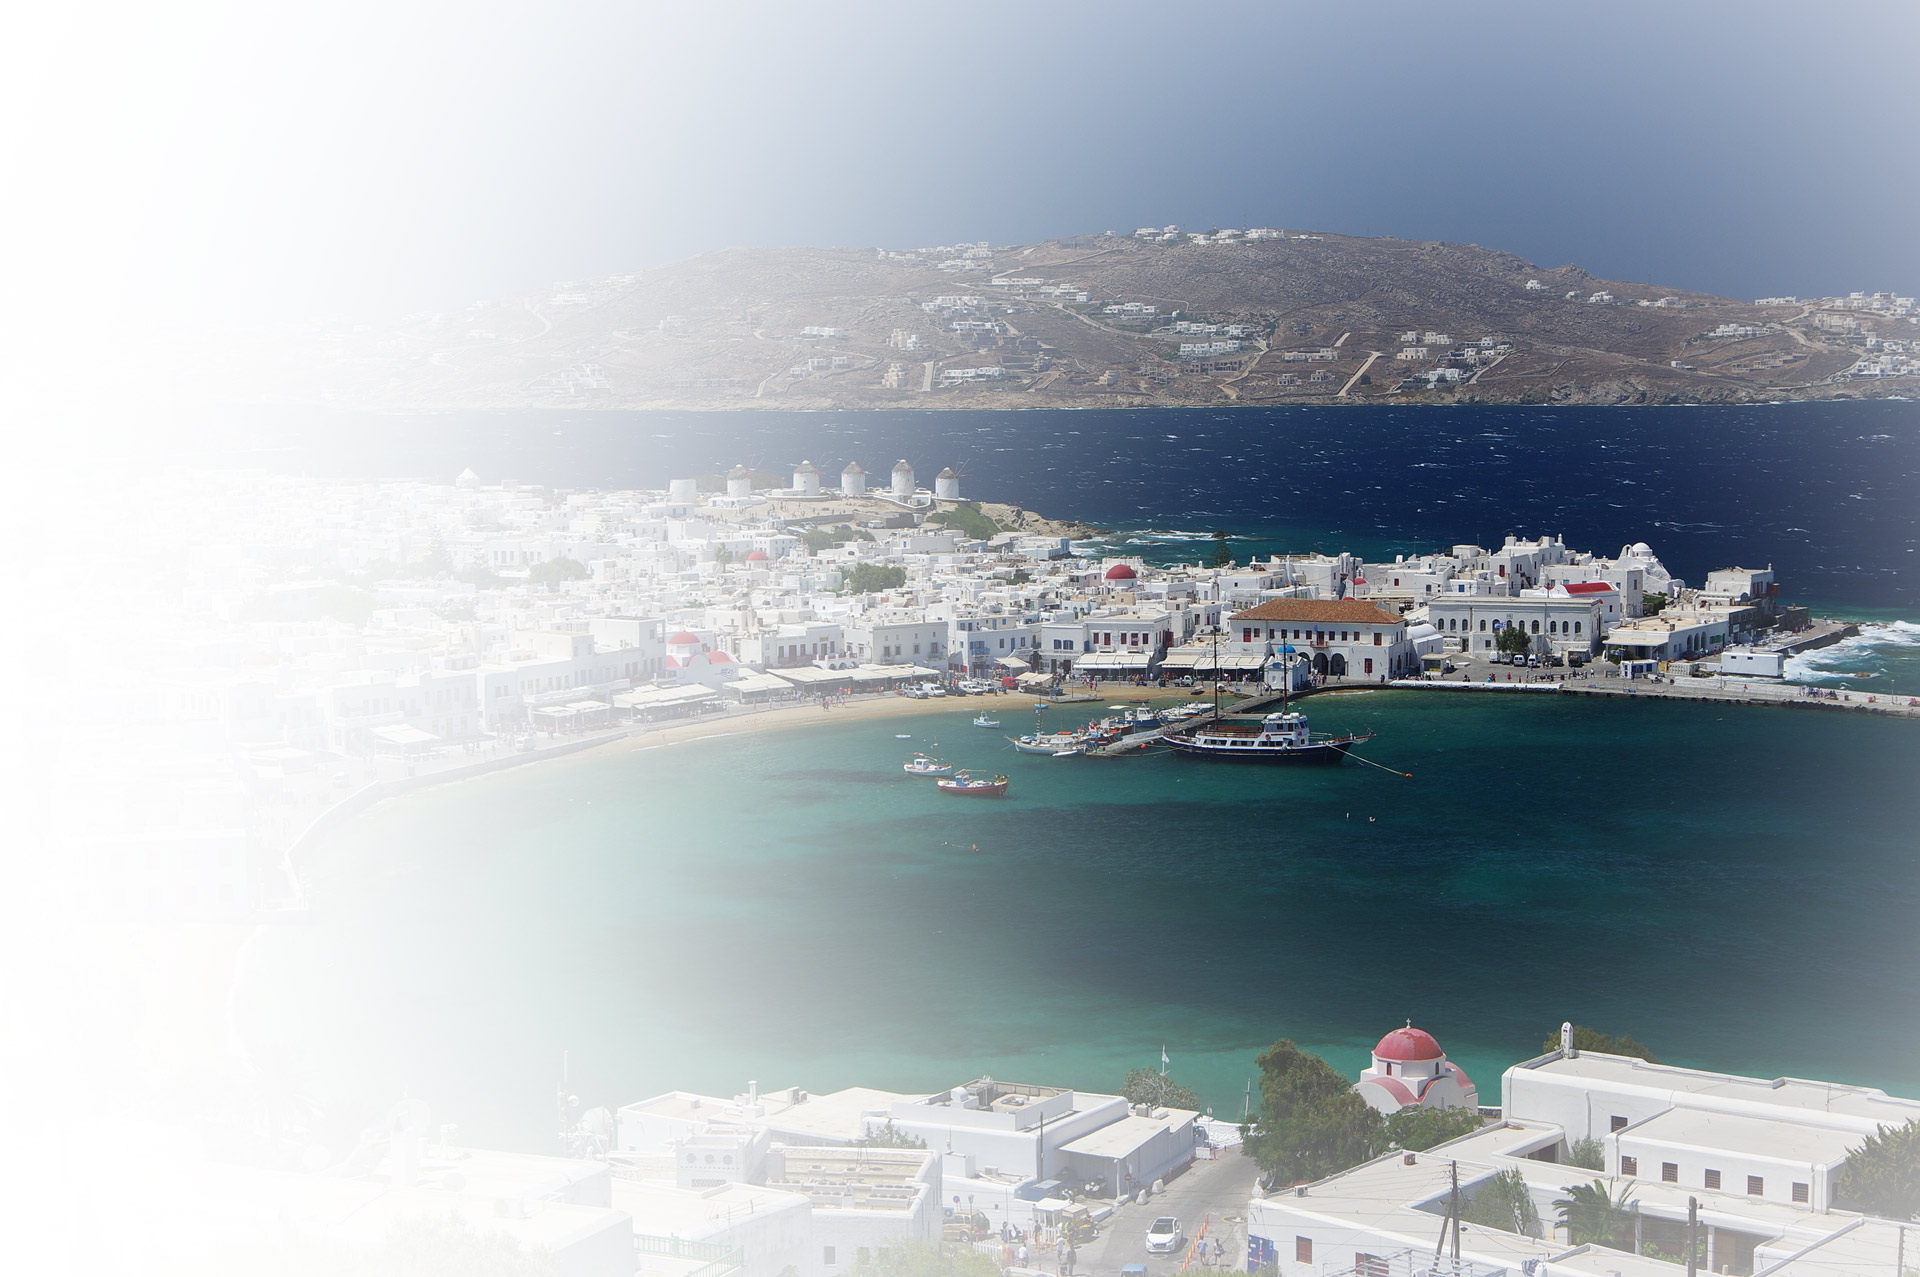 destination video marketing - Discover Greece